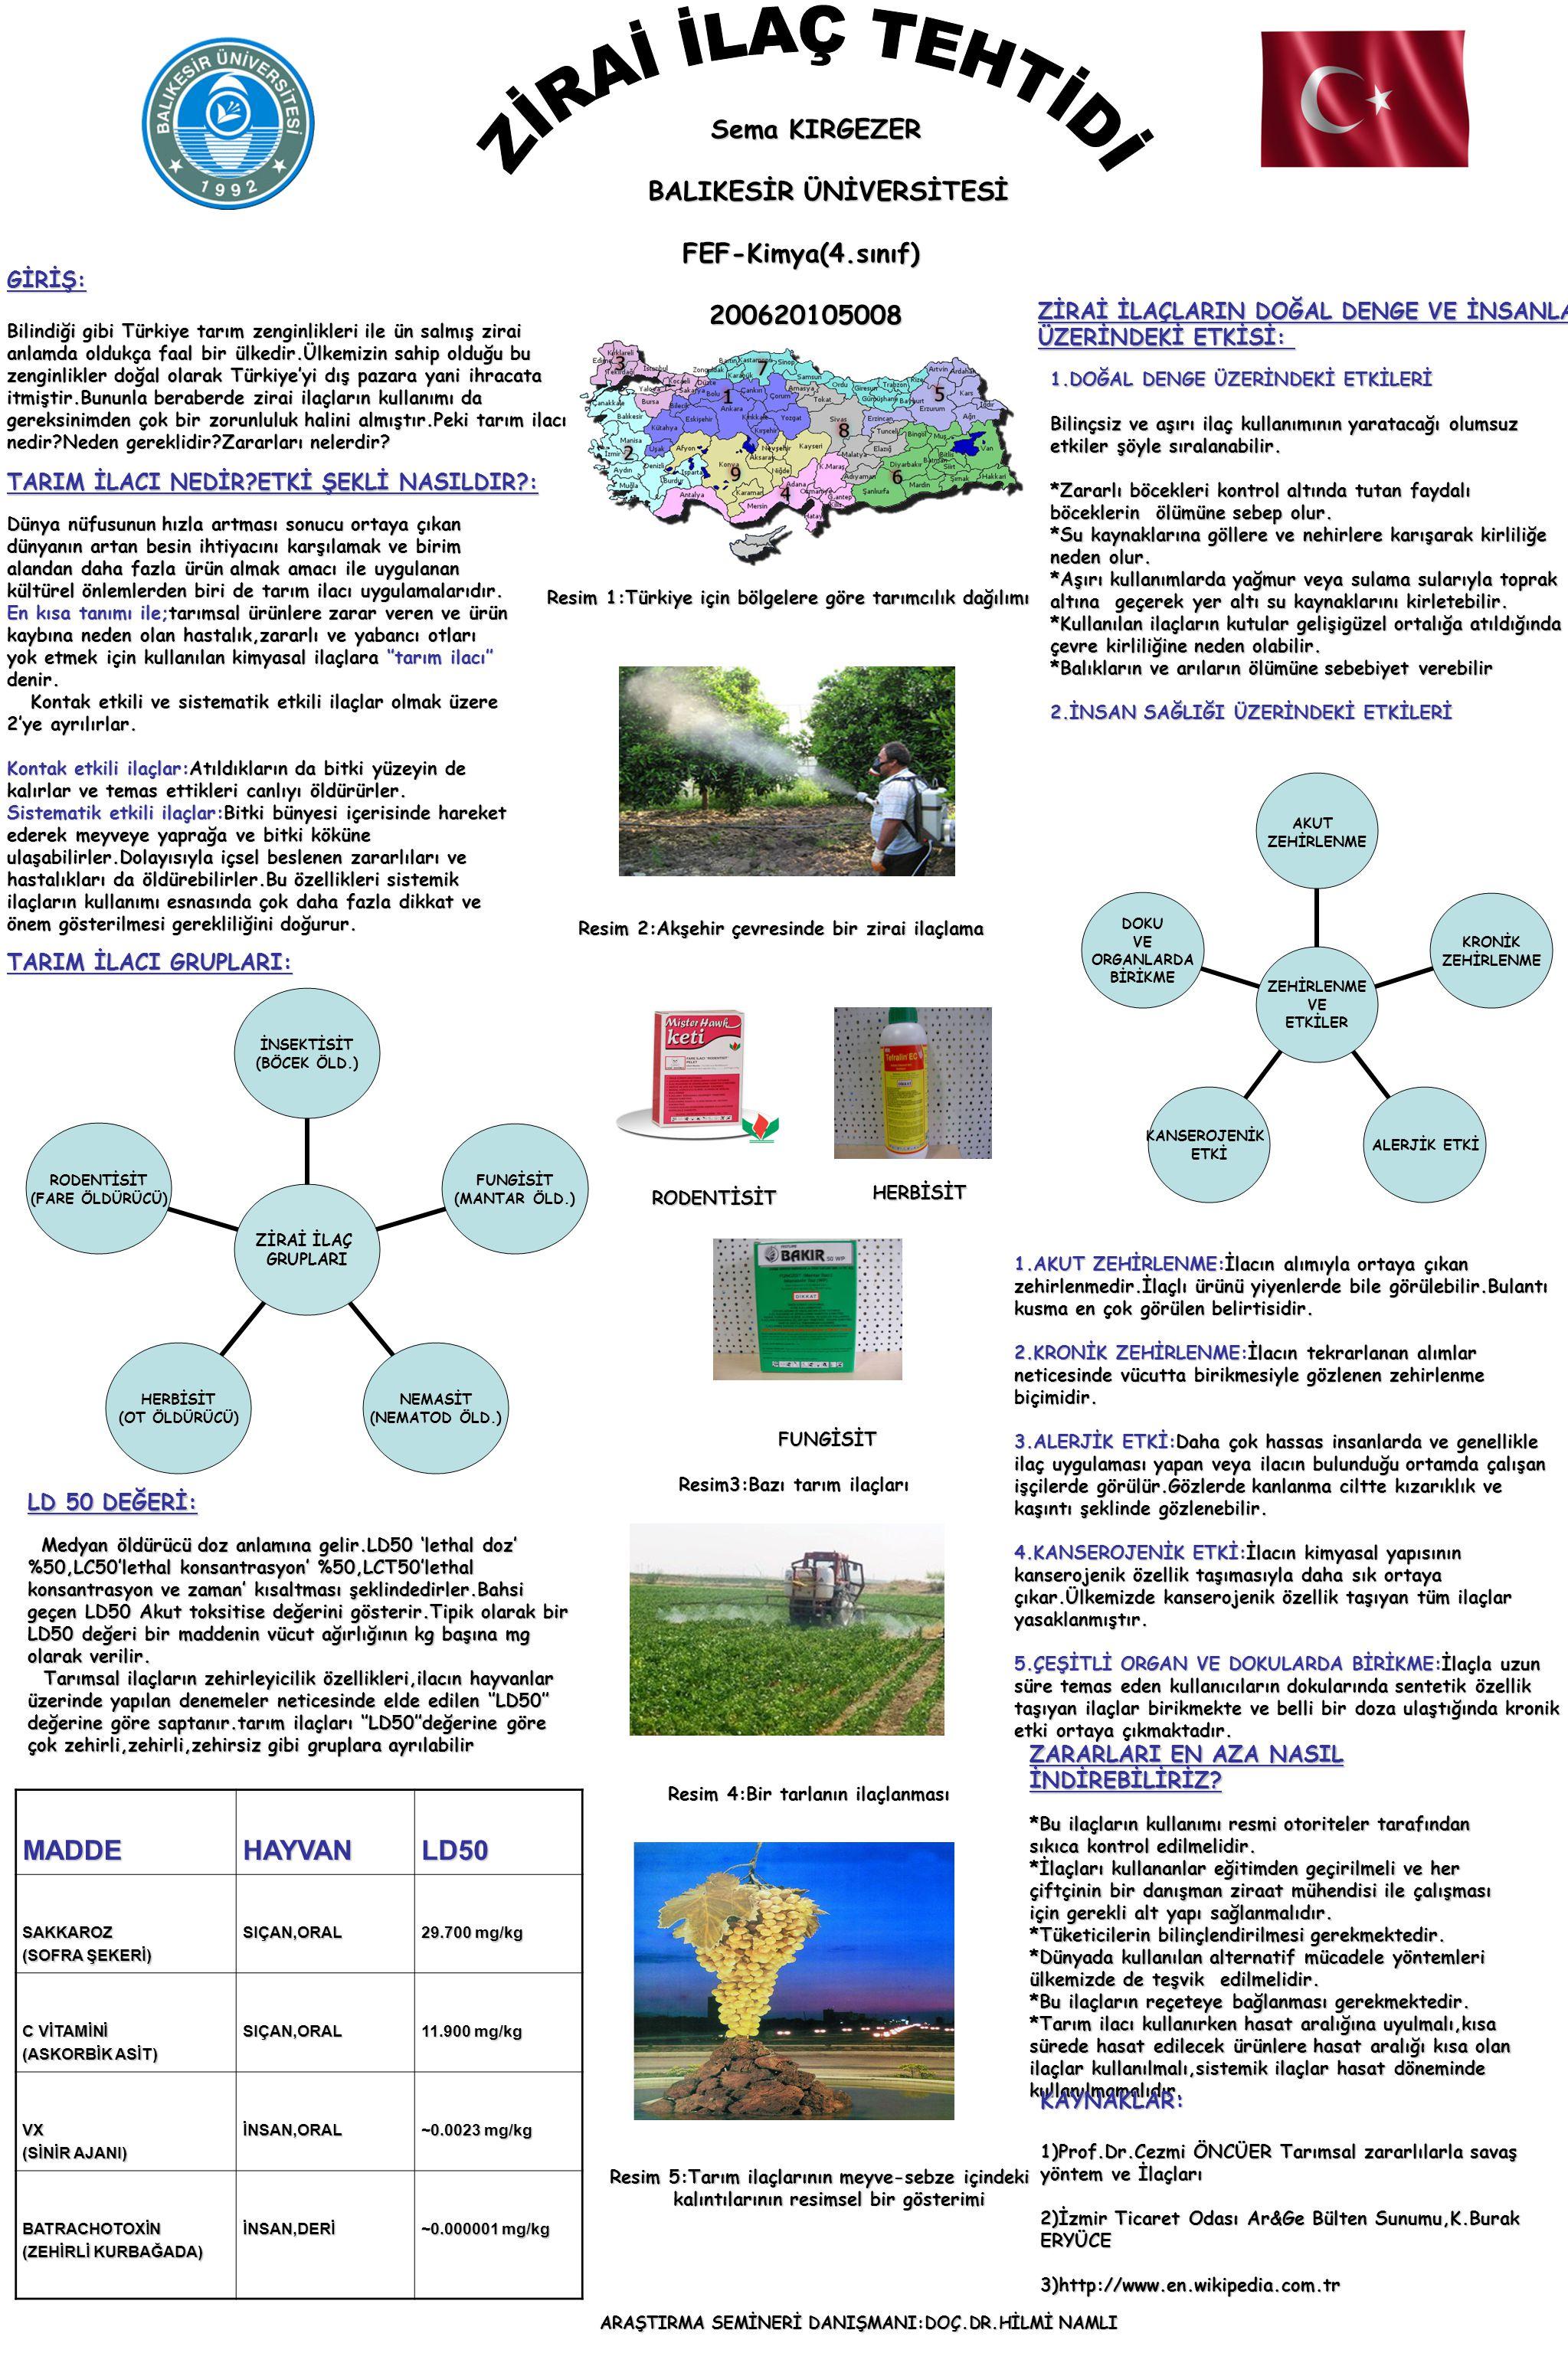 Sema KIRGEZER BALIKESİR ÜNİVERSİTESİ FEF-Kimya(4.sınıf) 200620105008 GİRİŞ: Bilindiği gibi Türkiye tarım zenginlikleri ile ün salmış zirai anlamda old